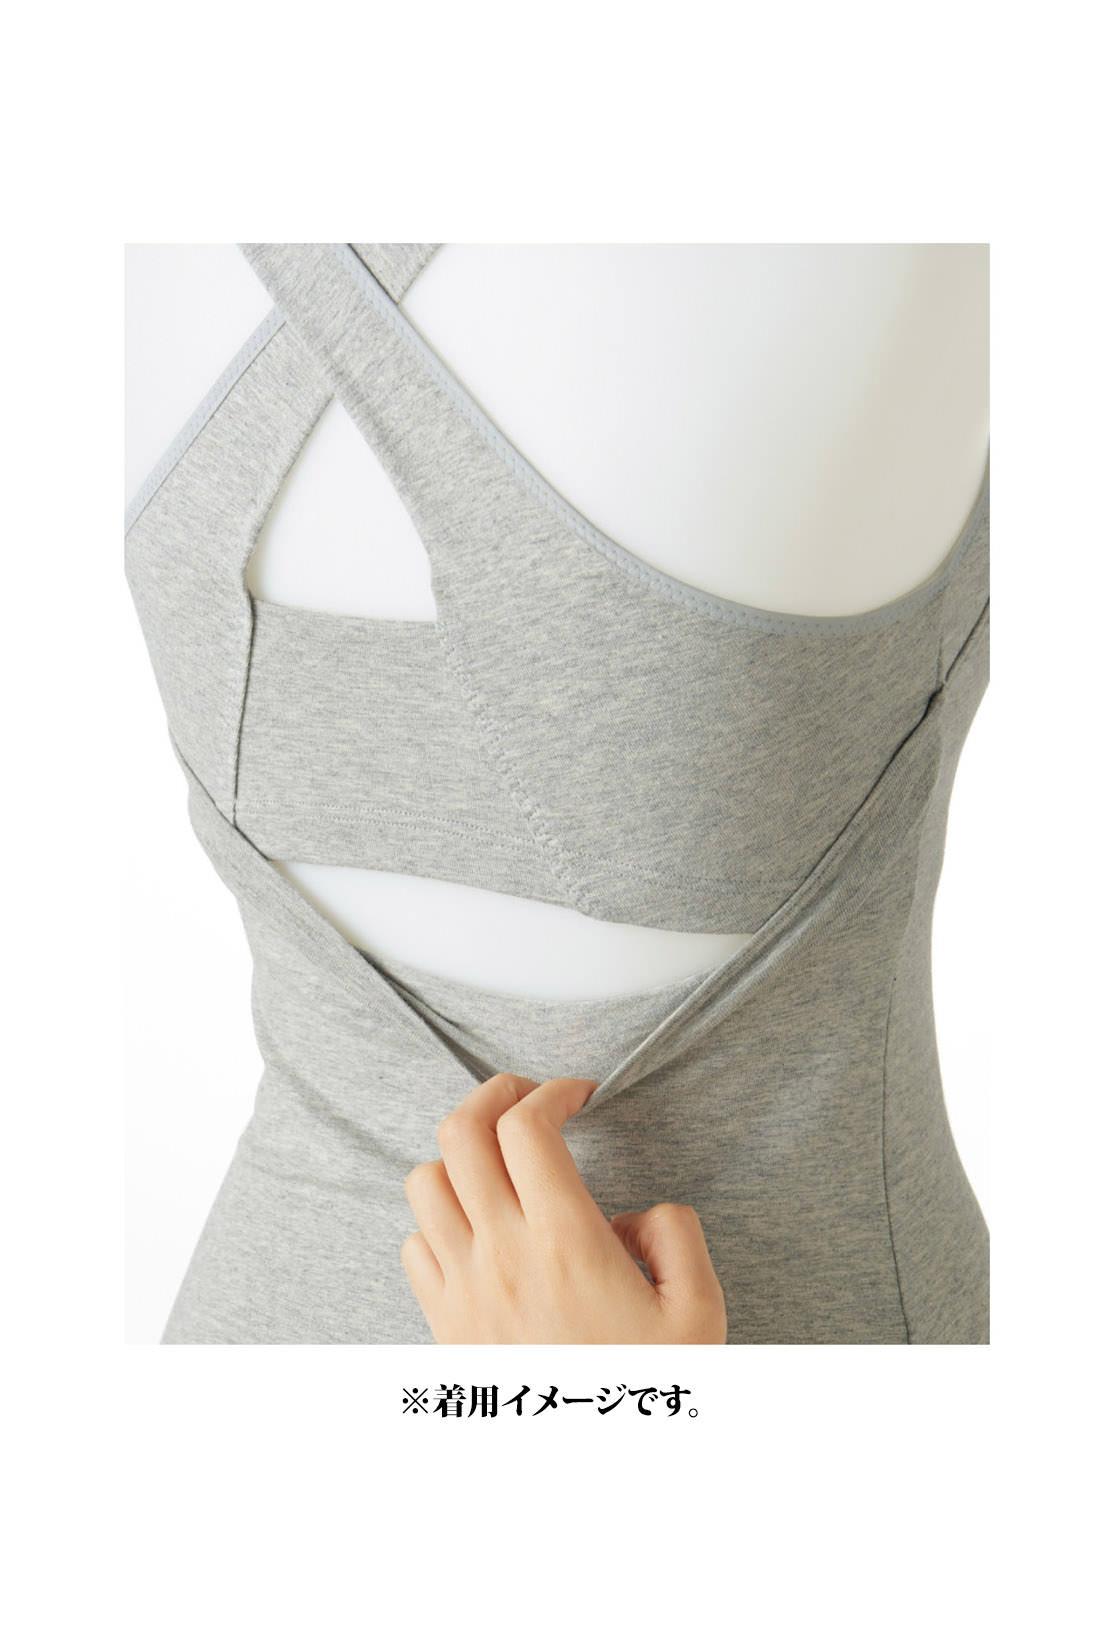 これは参考画像です。背中を縫い付けないセパレート設計なのでブラは身生地につられてずれません。